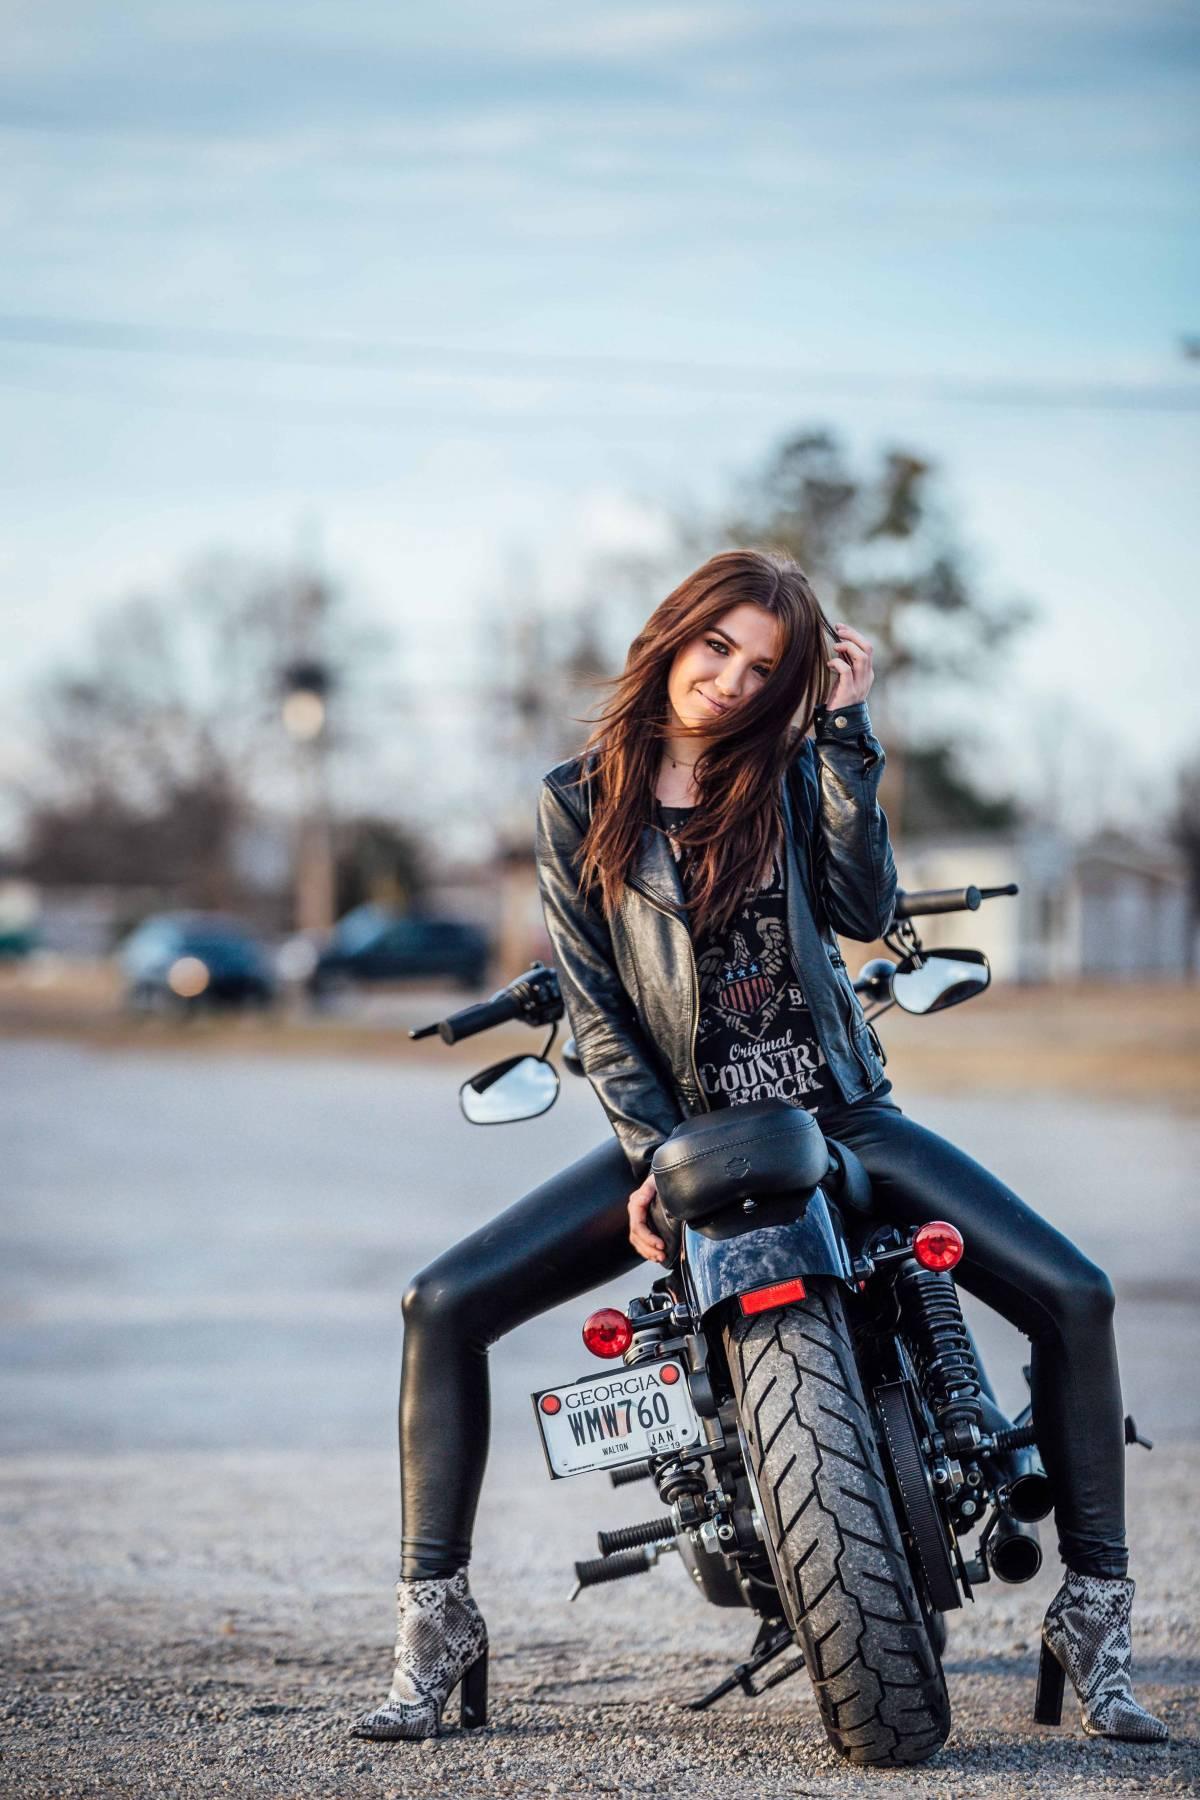 HARLEY-DAVIDSON: Una moto que cumple con todas las expectativas.